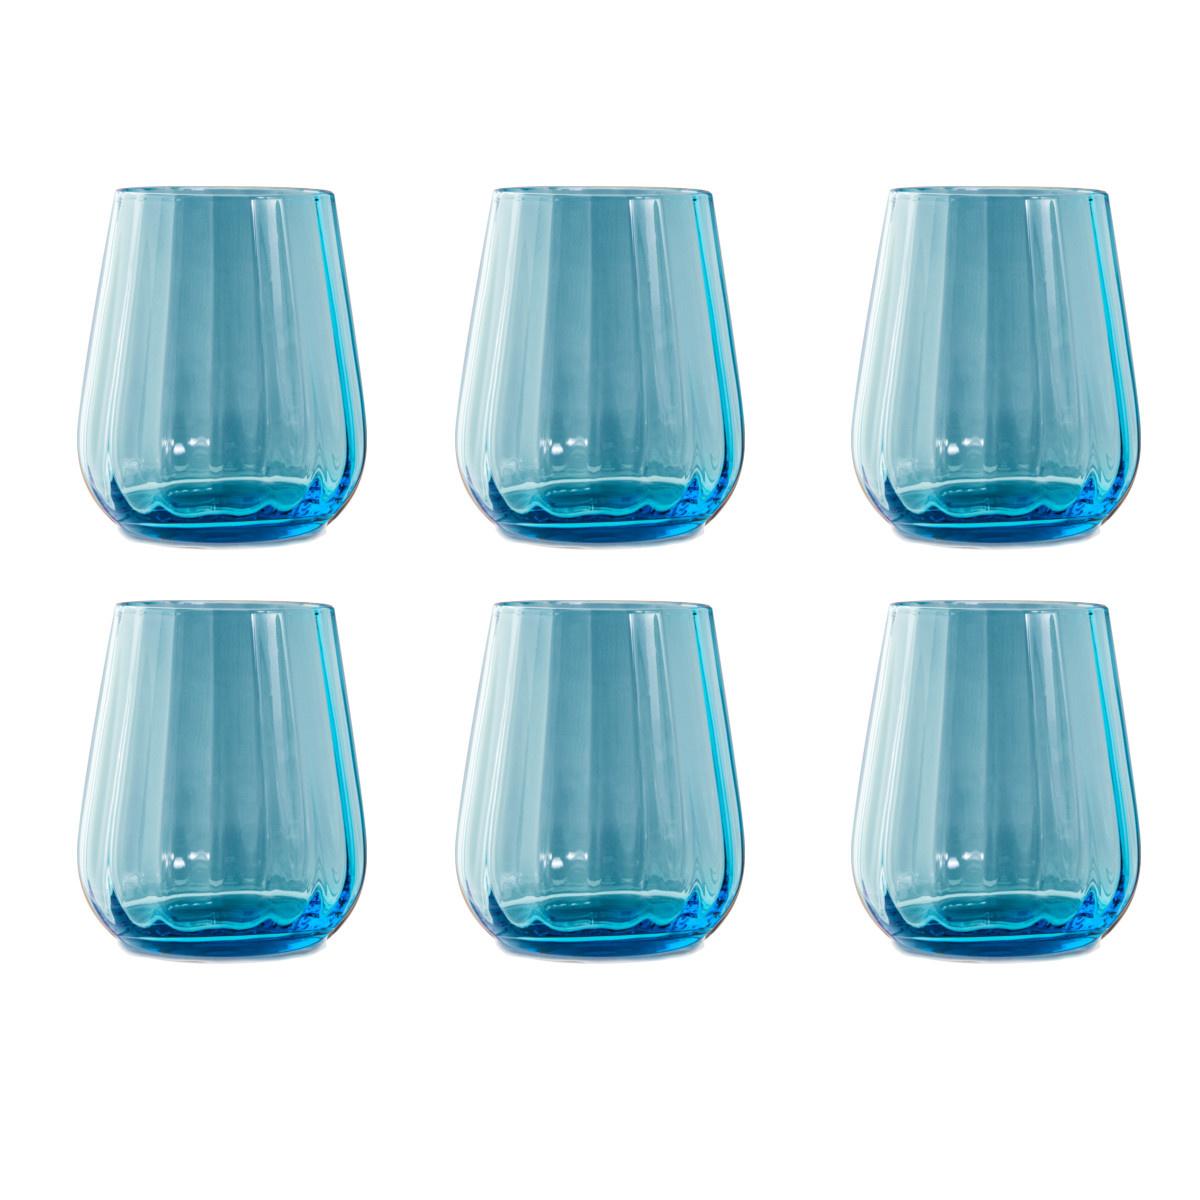 Livellara Livellara RINASCIMENTO  Verre Tumbler 400 ml – Lot de 6 – Turquoise